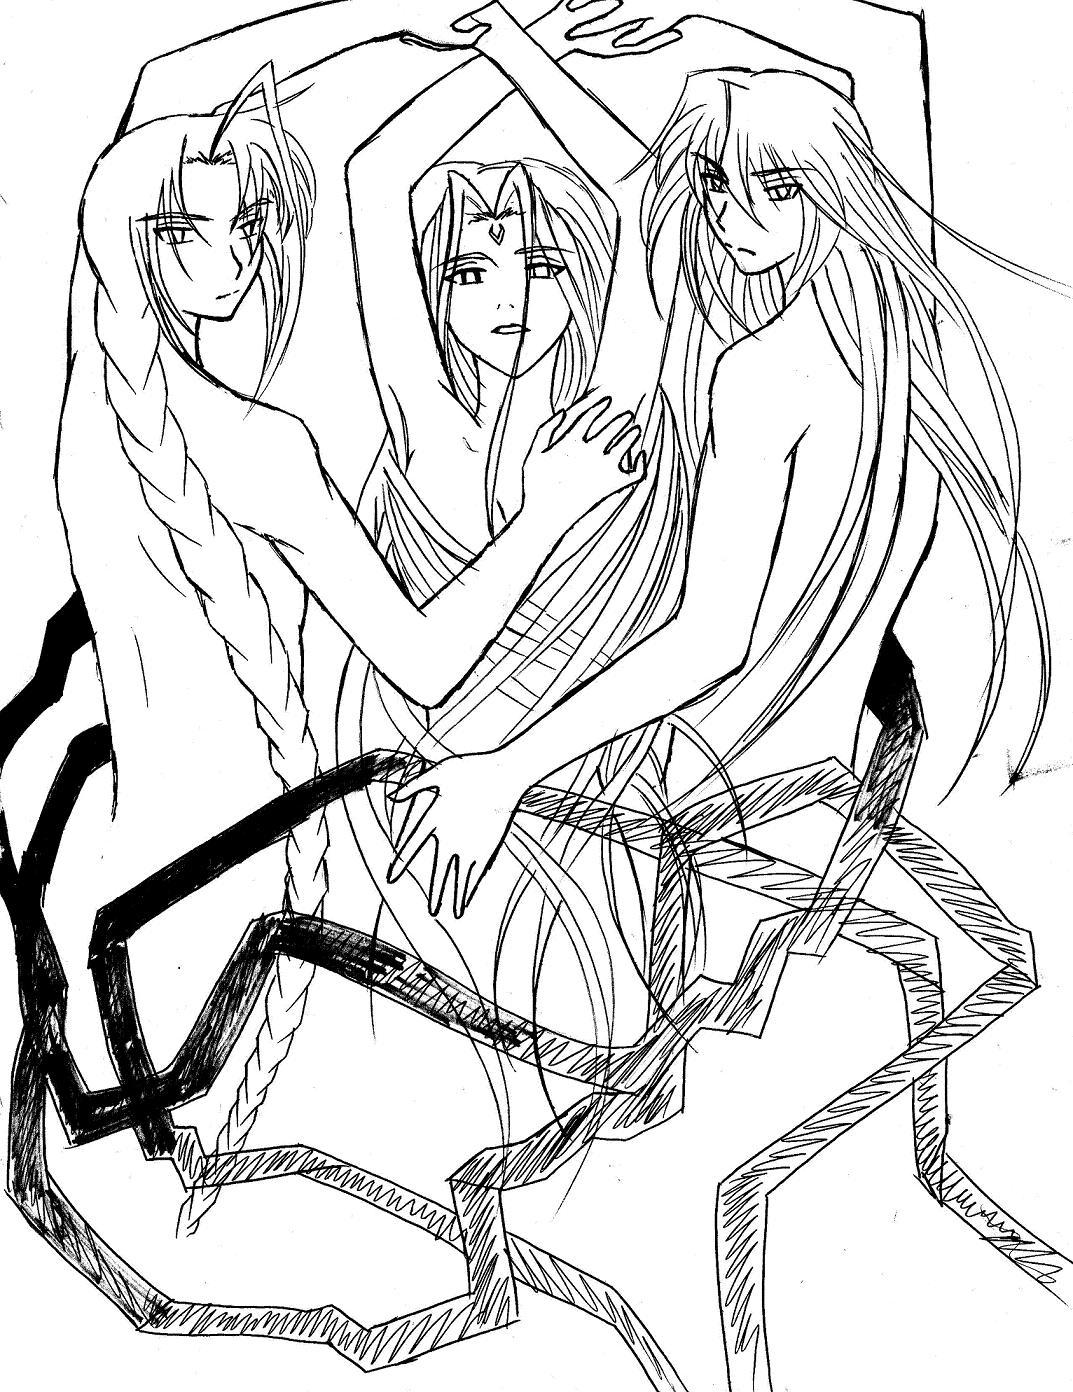 Three ribbons (lining) by LordessAnnara14